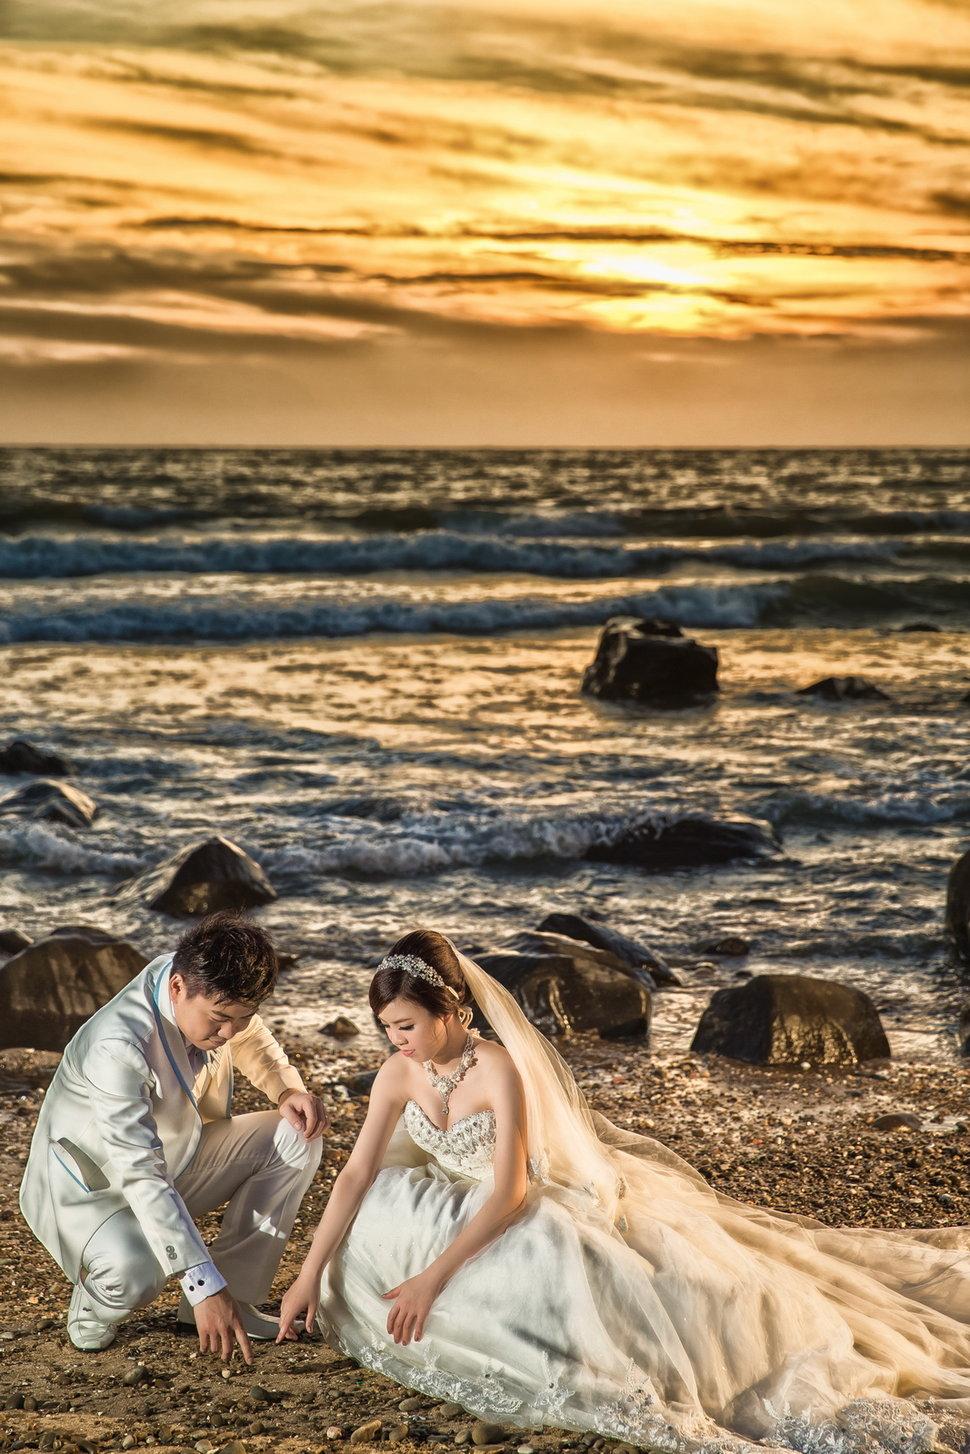 自助婚紗-淡水教堂-婚攝阿卜(編號:433925) - 阿卜的攝影工作室 - 結婚吧